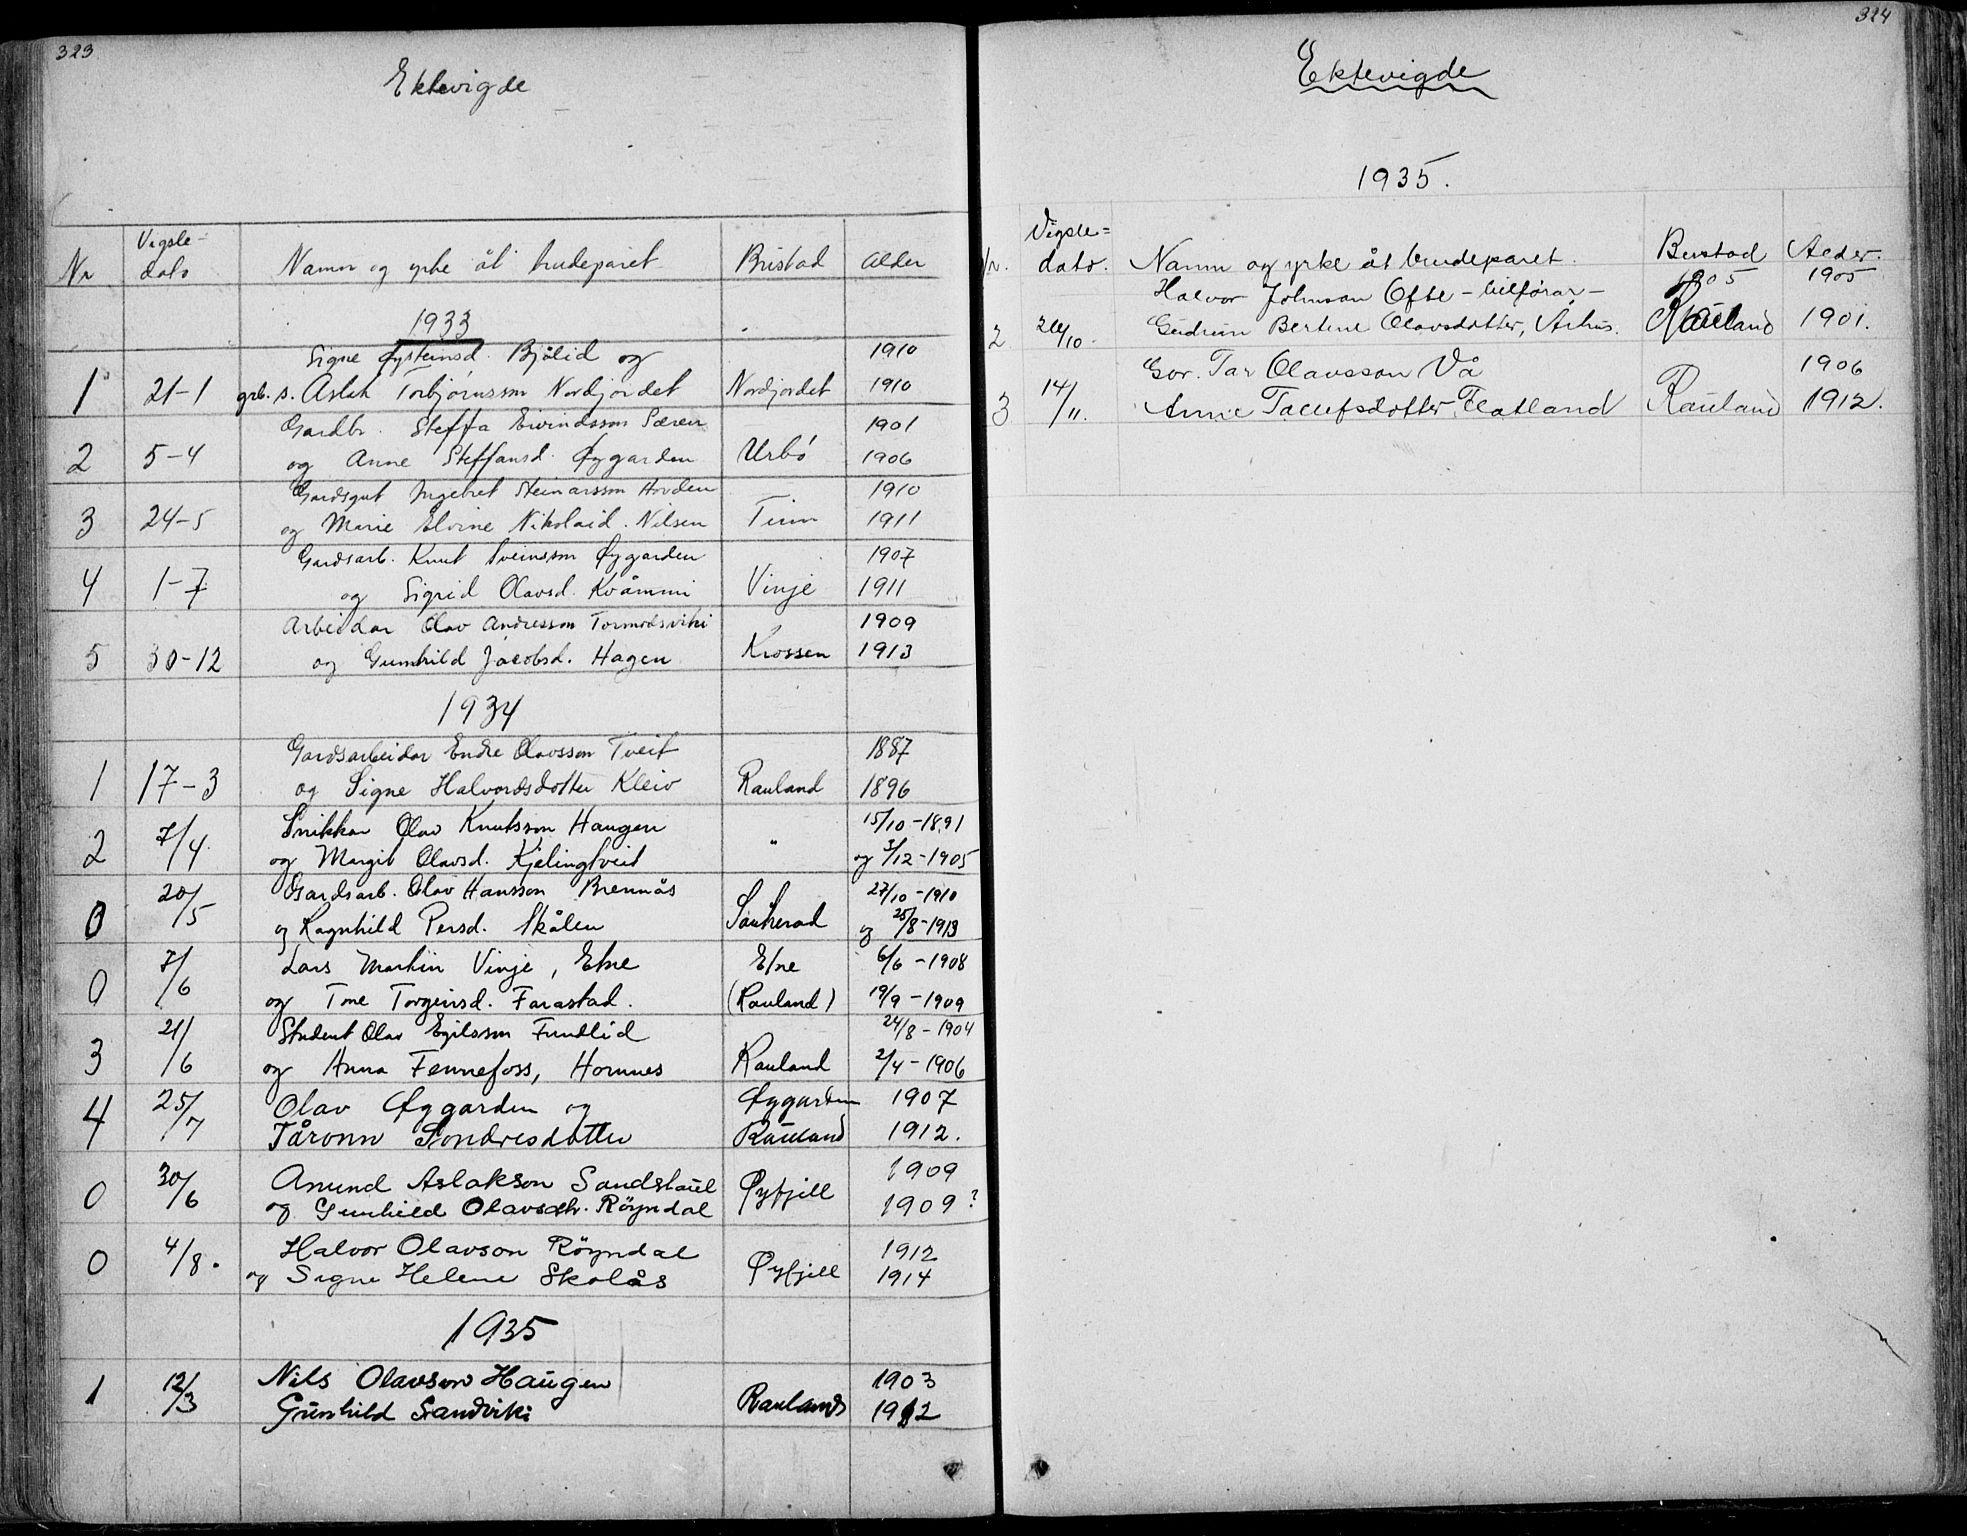 SAKO, Rauland kirkebøker, G/Ga/L0002: Klokkerbok nr. I 2, 1849-1935, s. 323-324